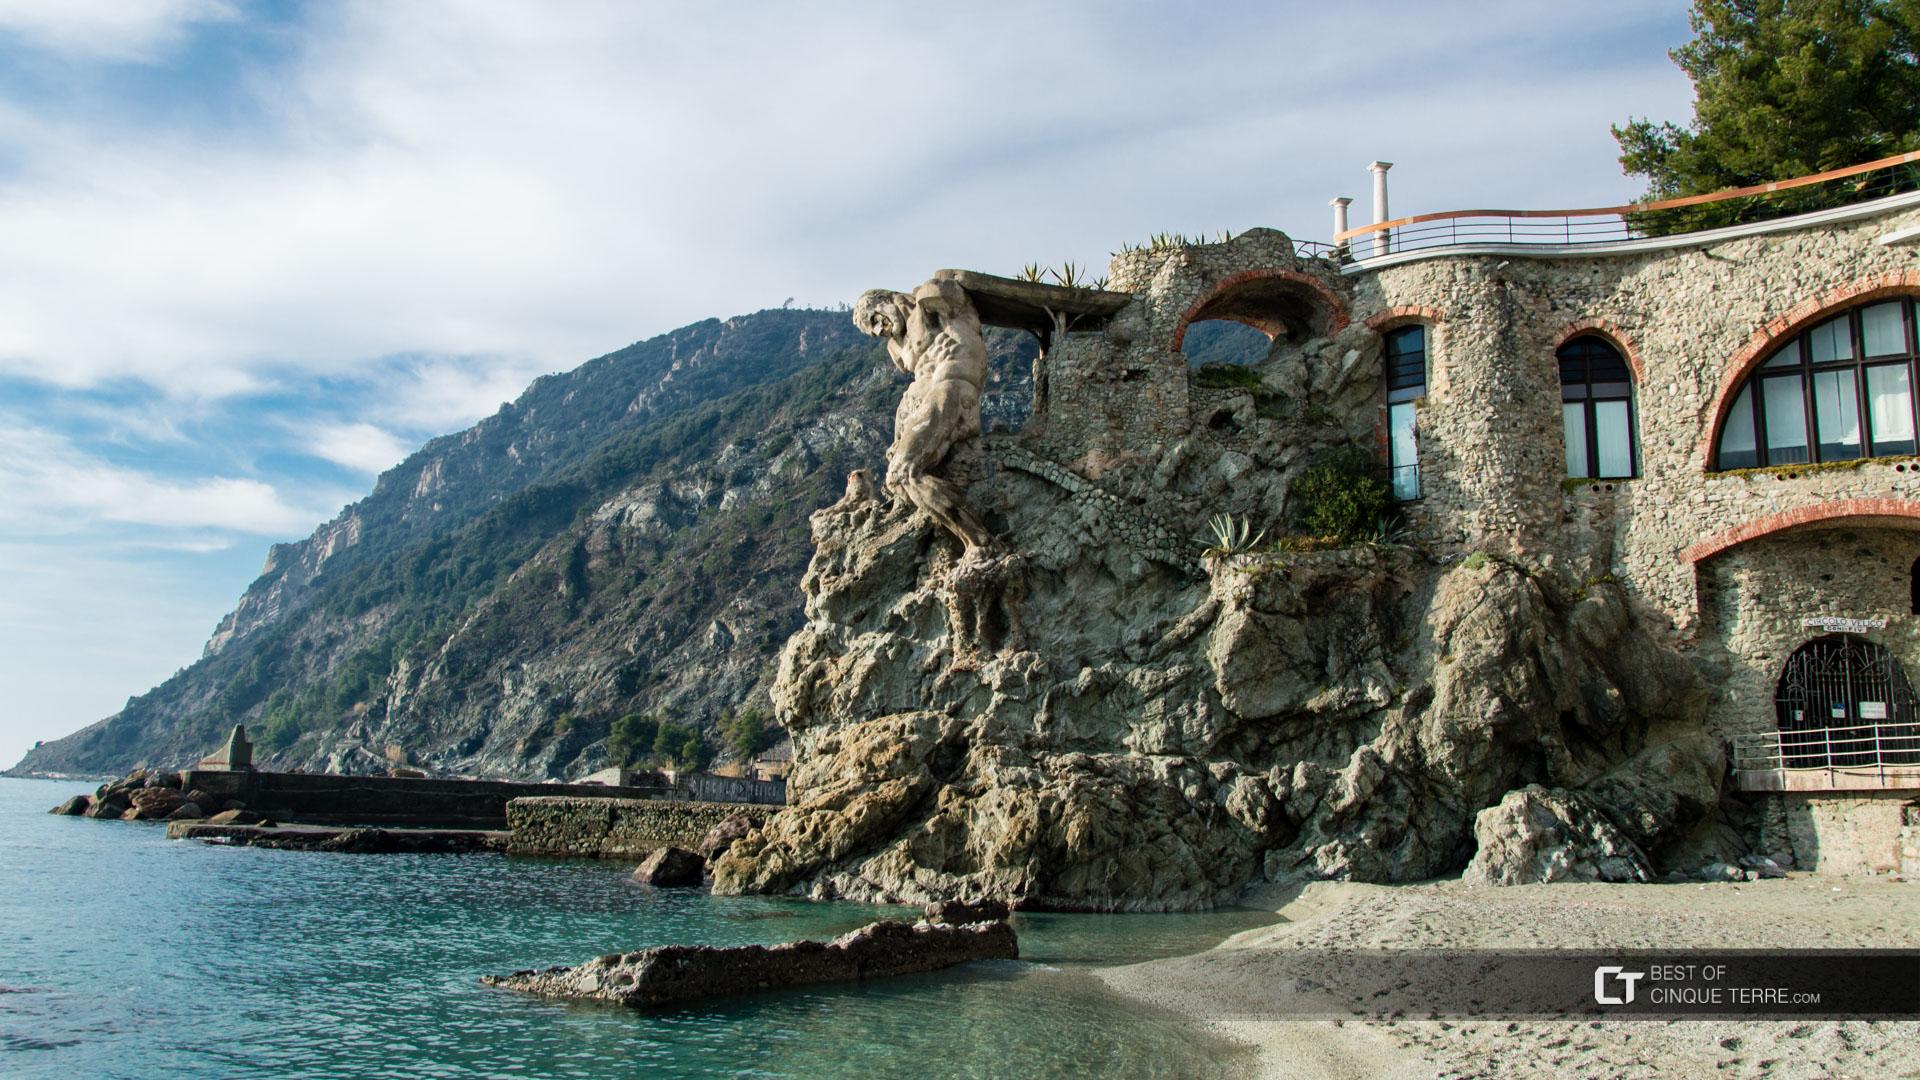 Monterosso al mare for Appart hotel 5 terres